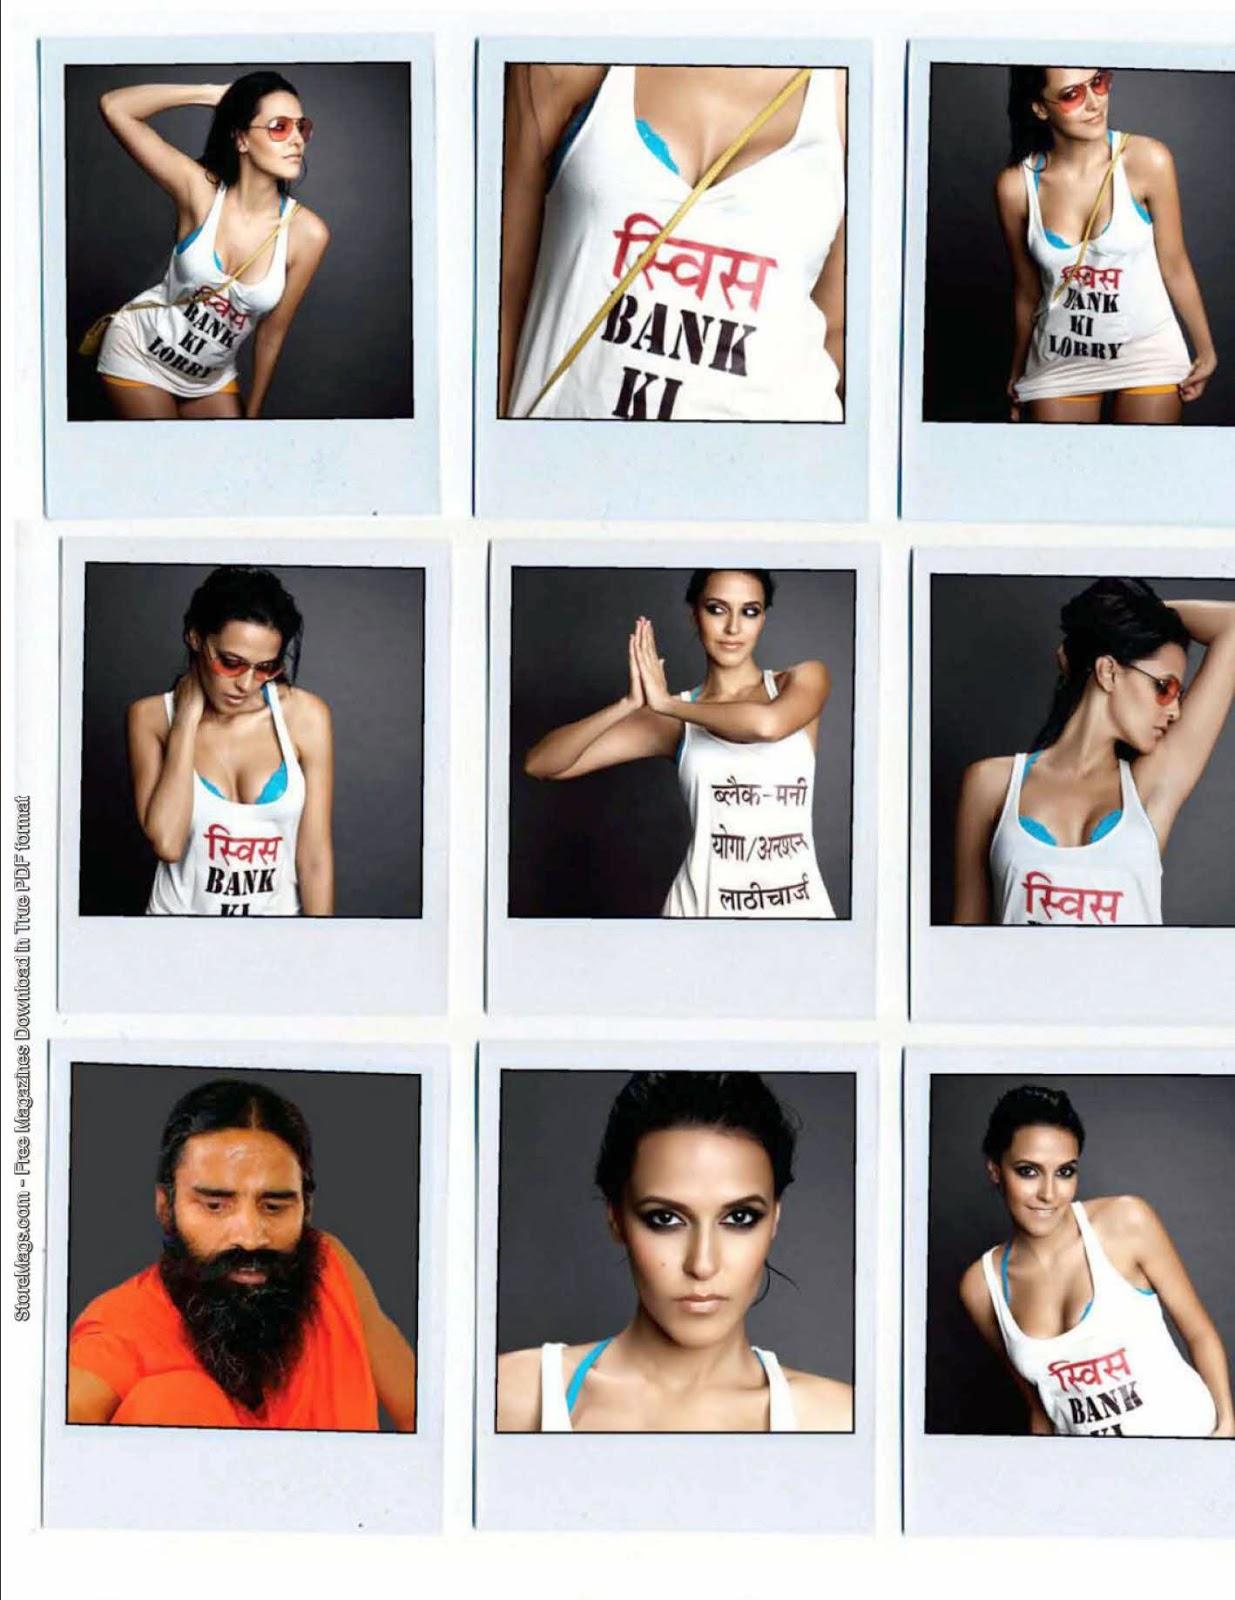 Neha Dhupia FHM India July 2011 Magazine photos collage